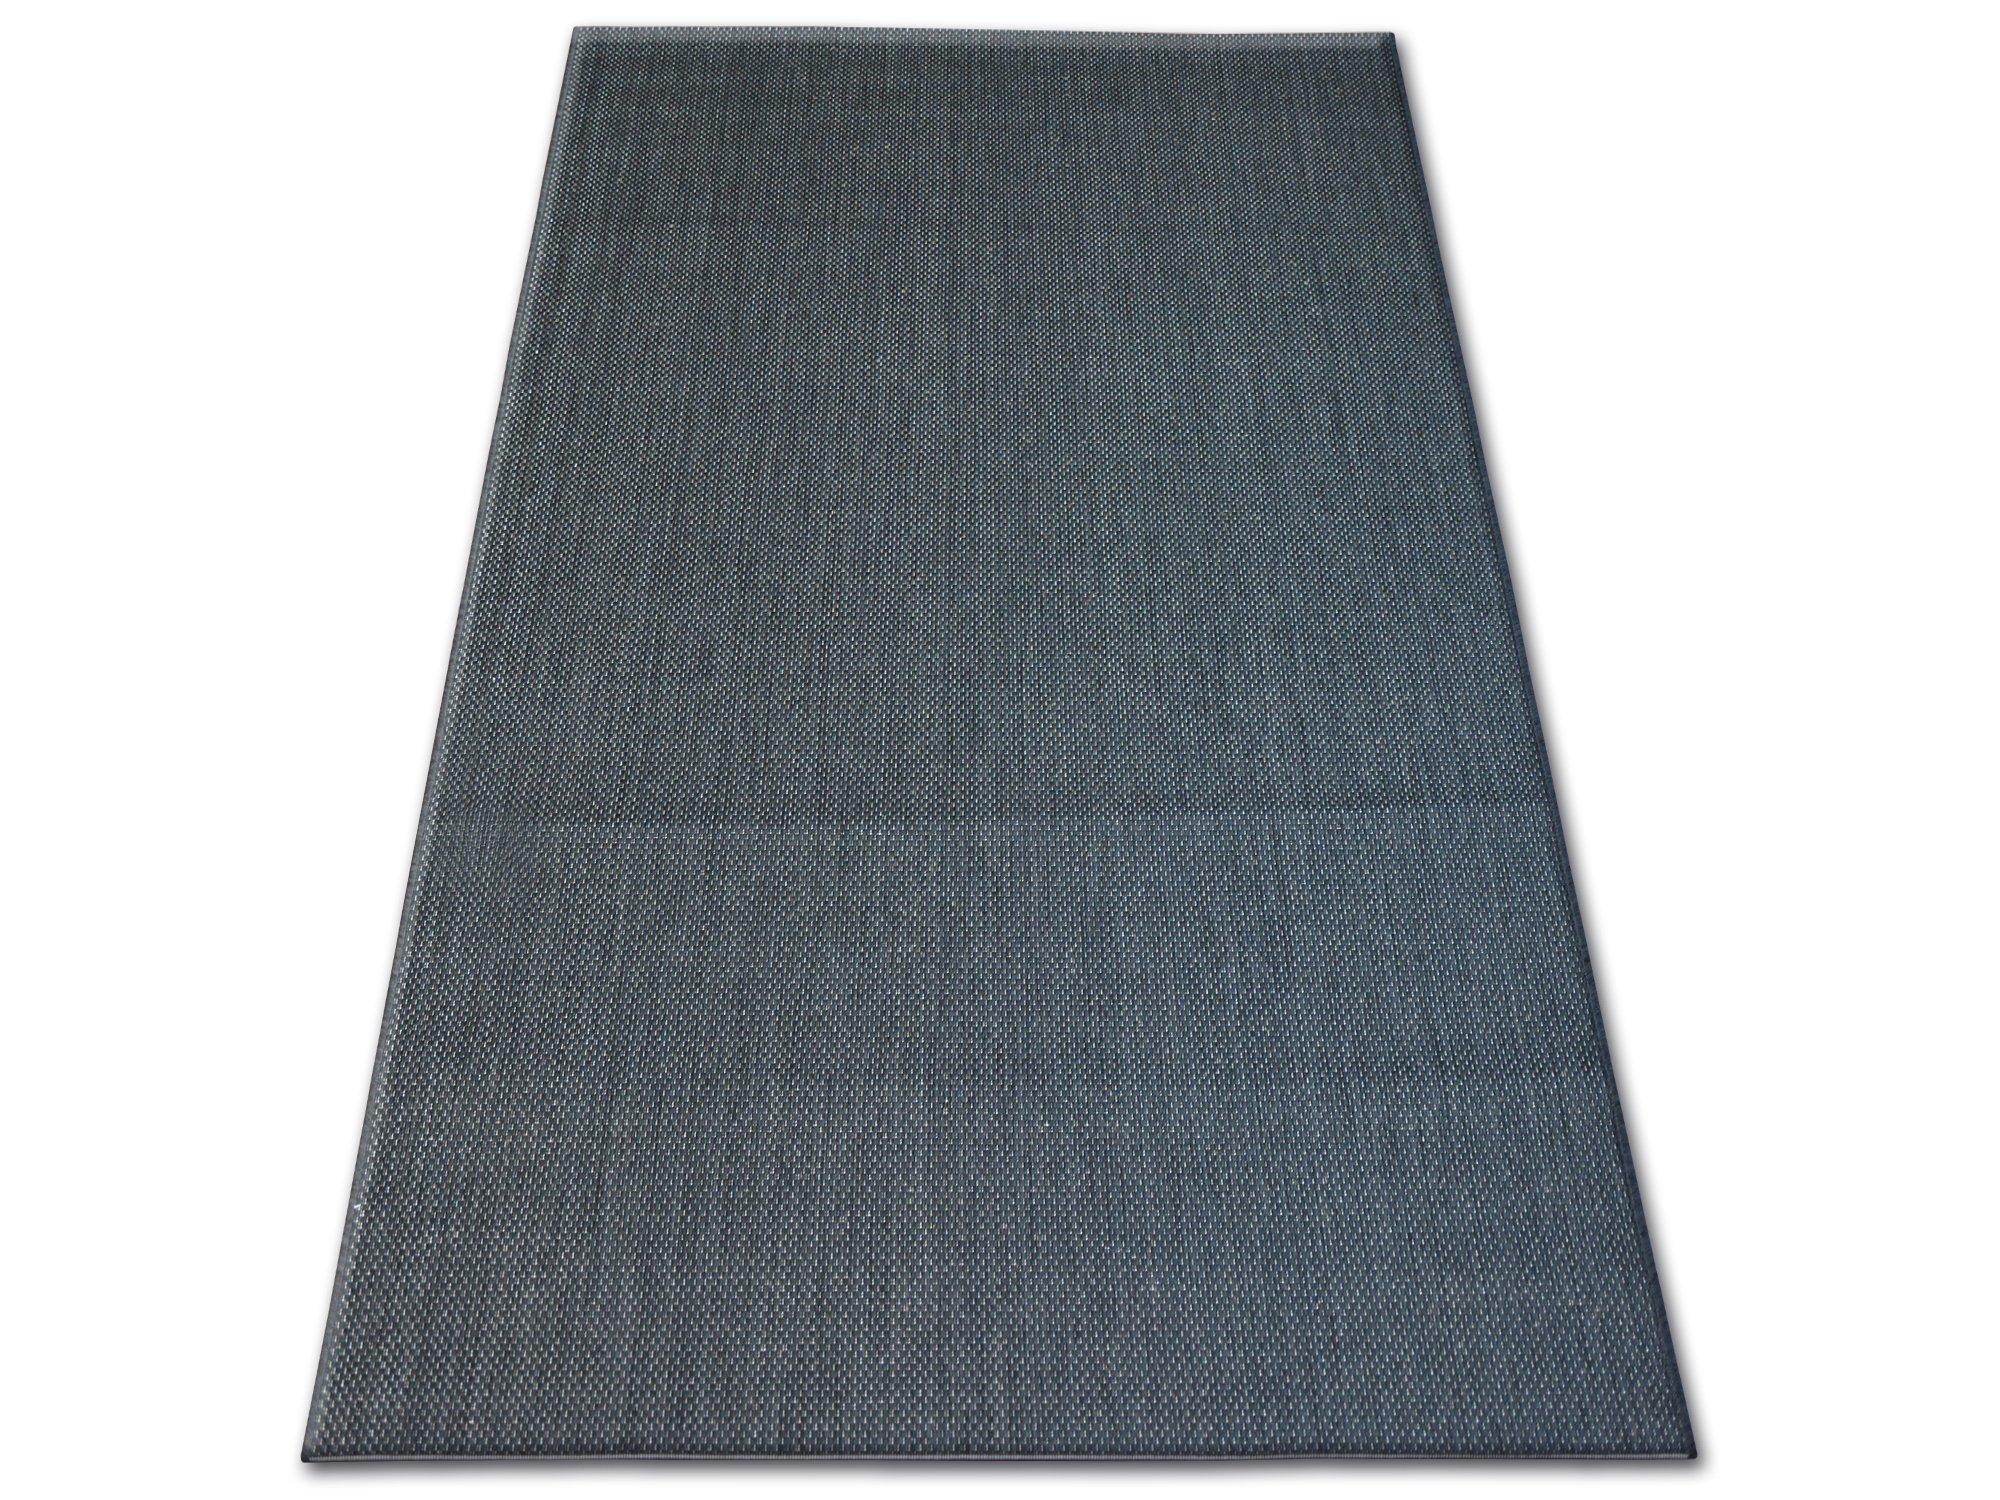 A SISAL koberec 120x170 HLADKÉ čierne #B381